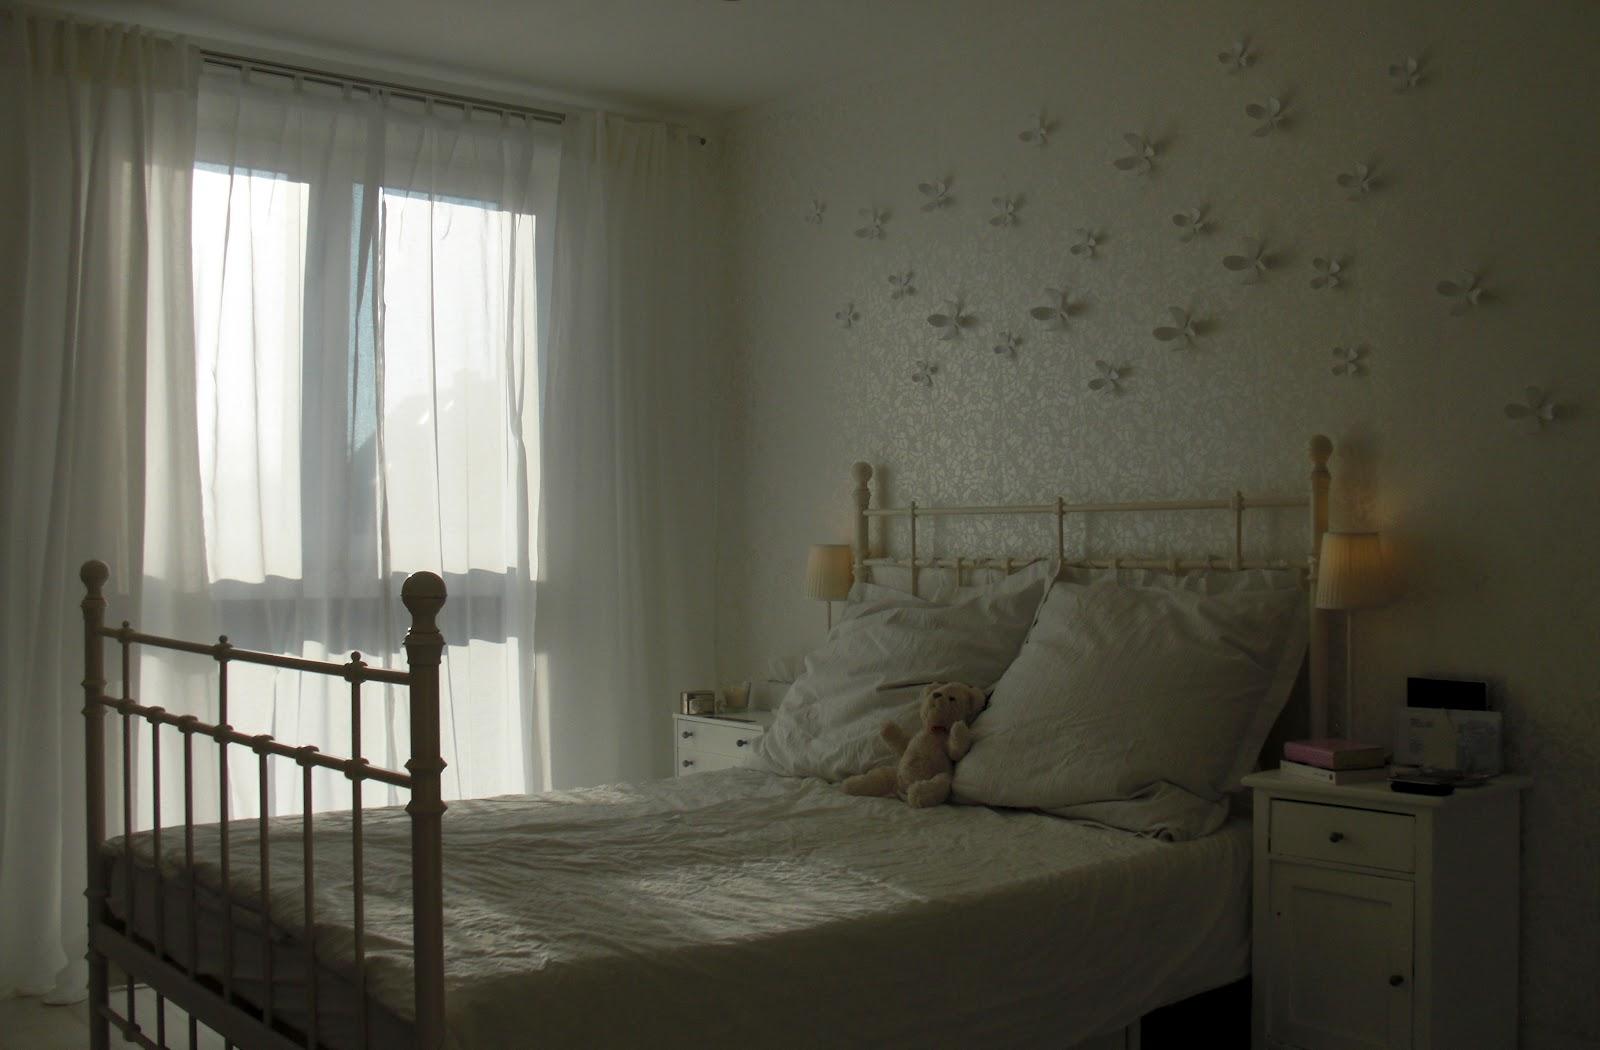 Mein traum schlafzimmer  heim-elich: März 2012